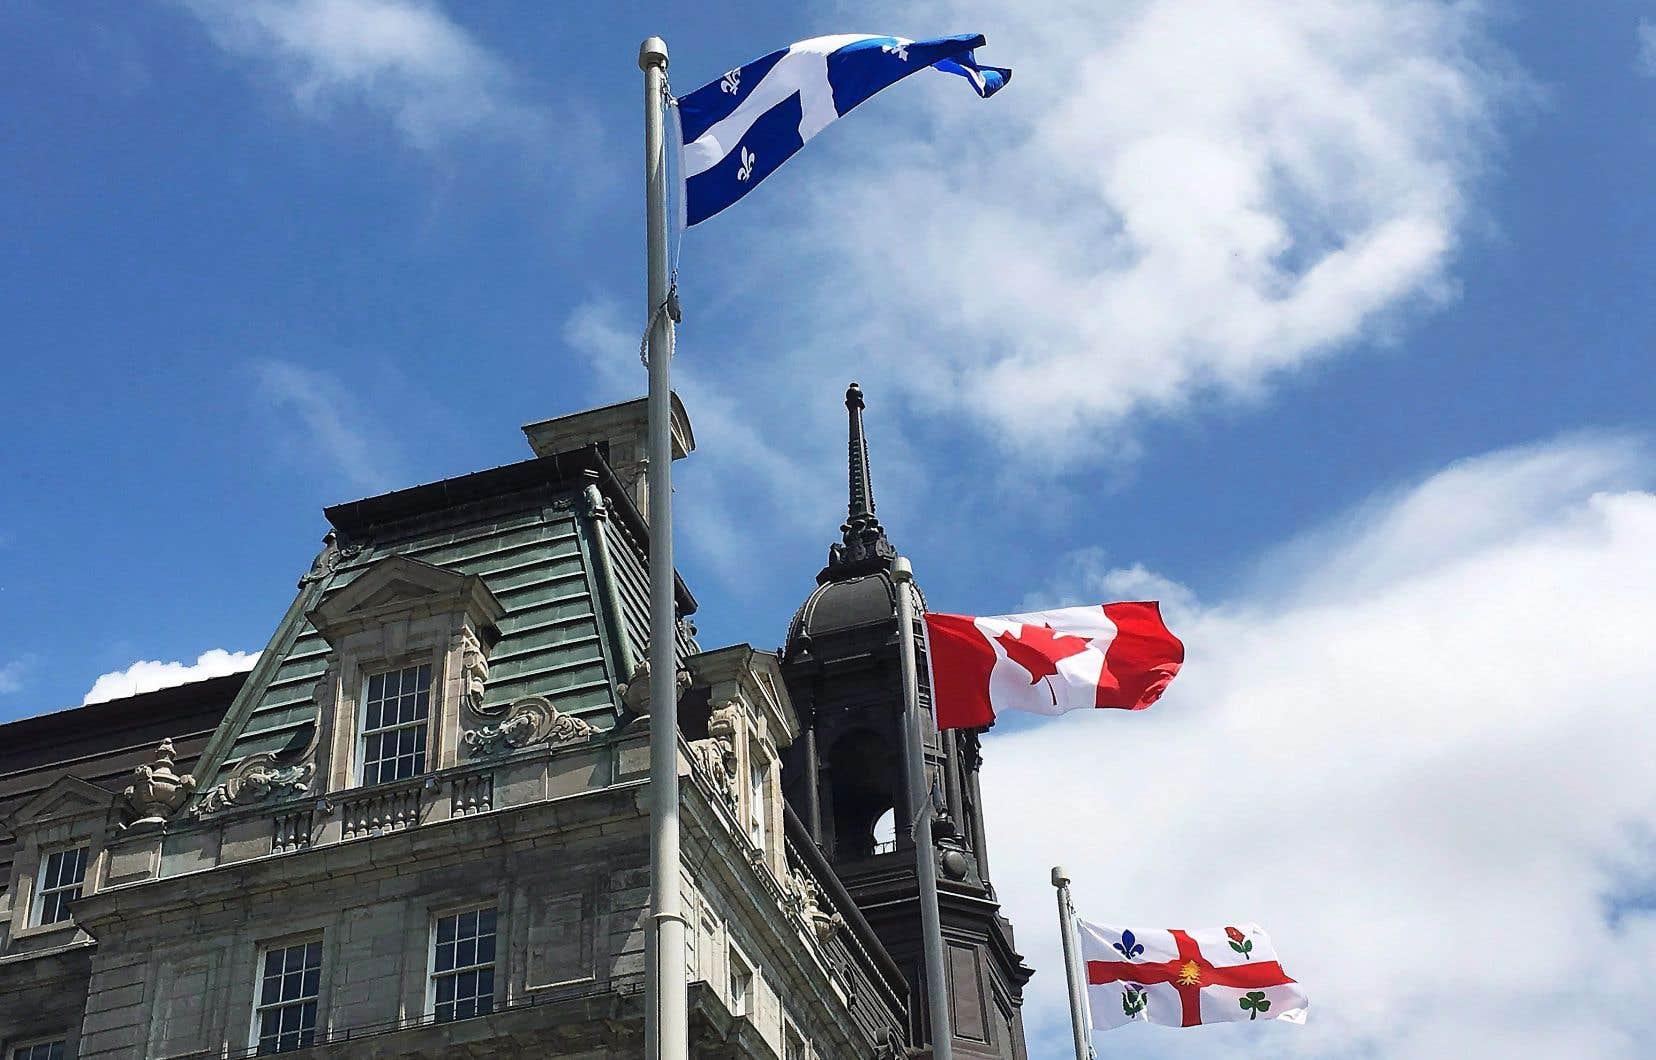 Selon l'auteur, il n'est pas nécessaire d'être amoureux du fédéralisme canadien pour reconnaître la valeur du lien fédéral.